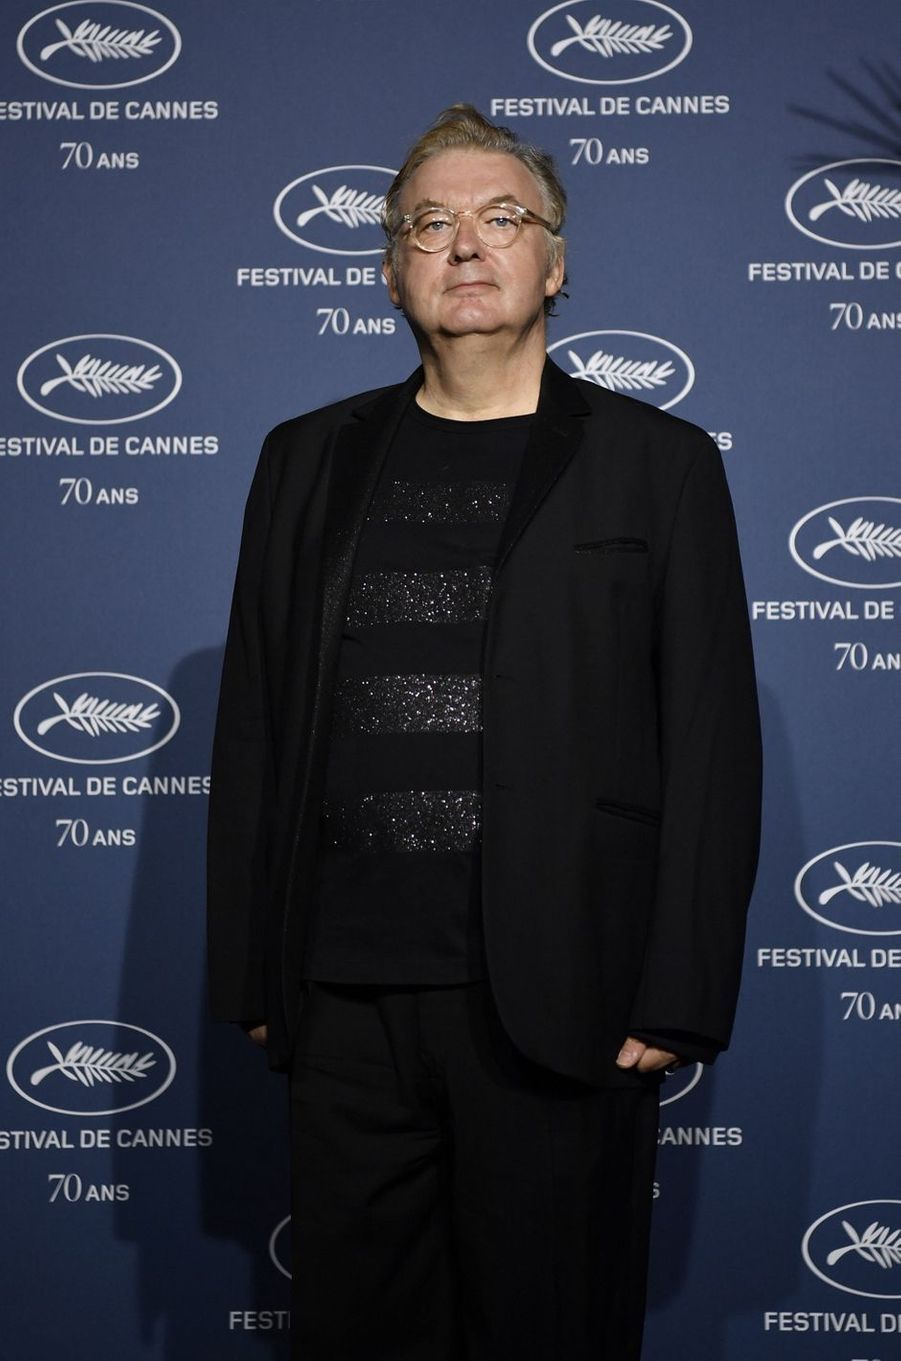 L'agent des stars Dominique Besnehard (officier).